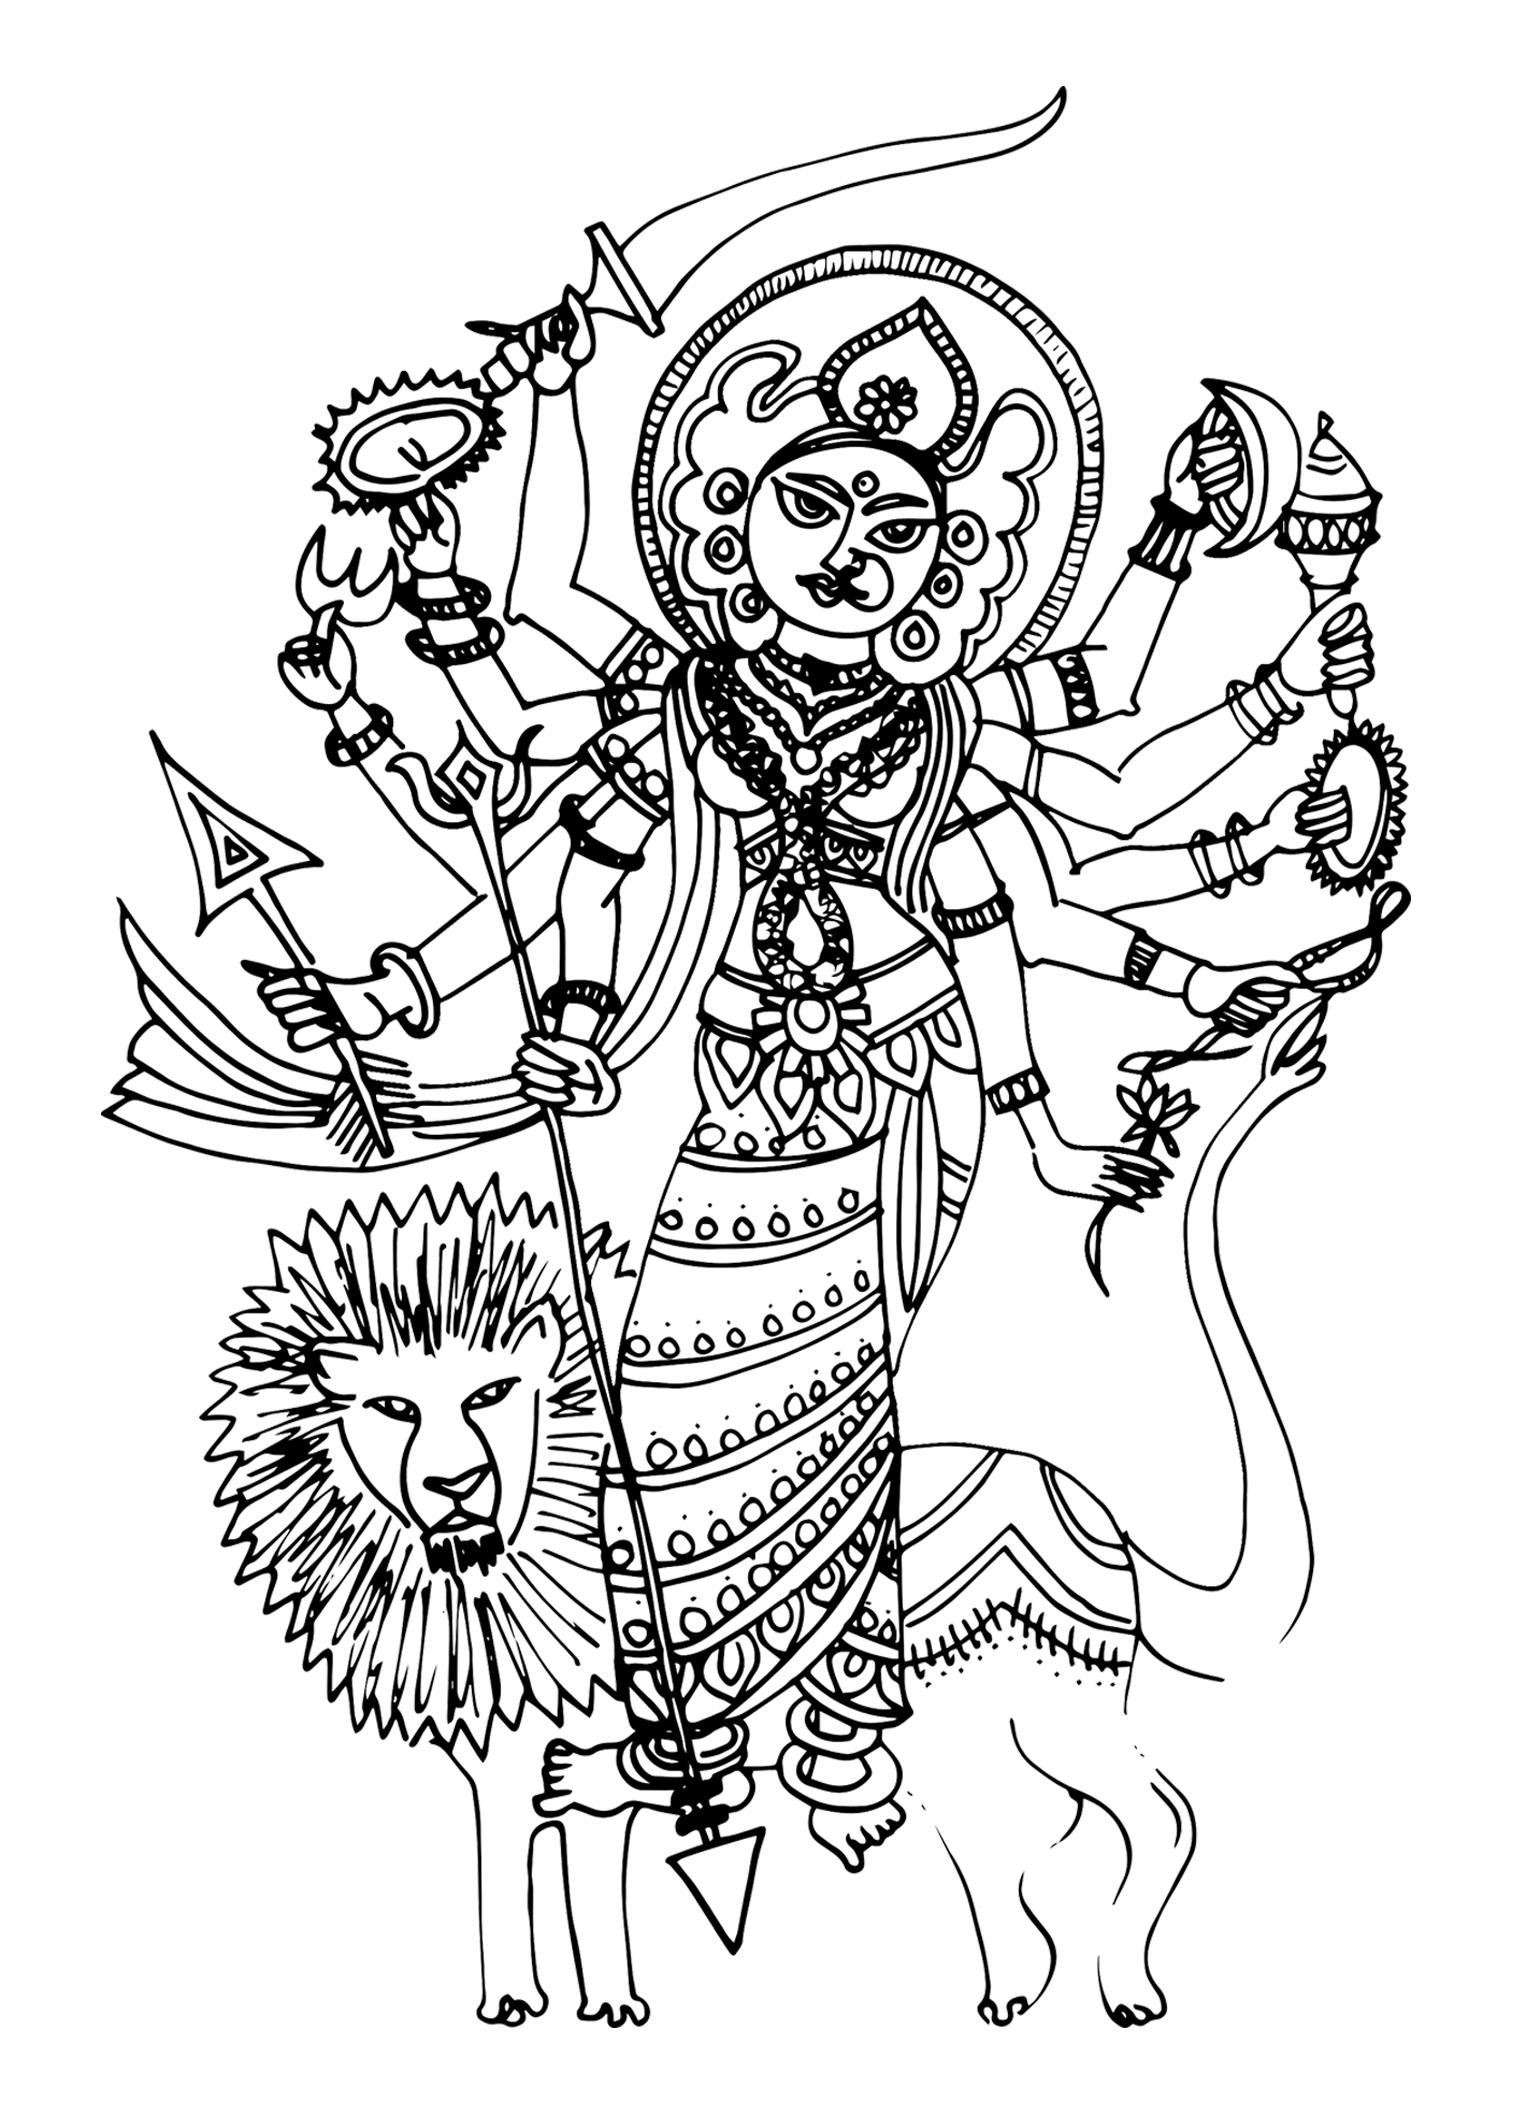 Durga demon slayer.jpg